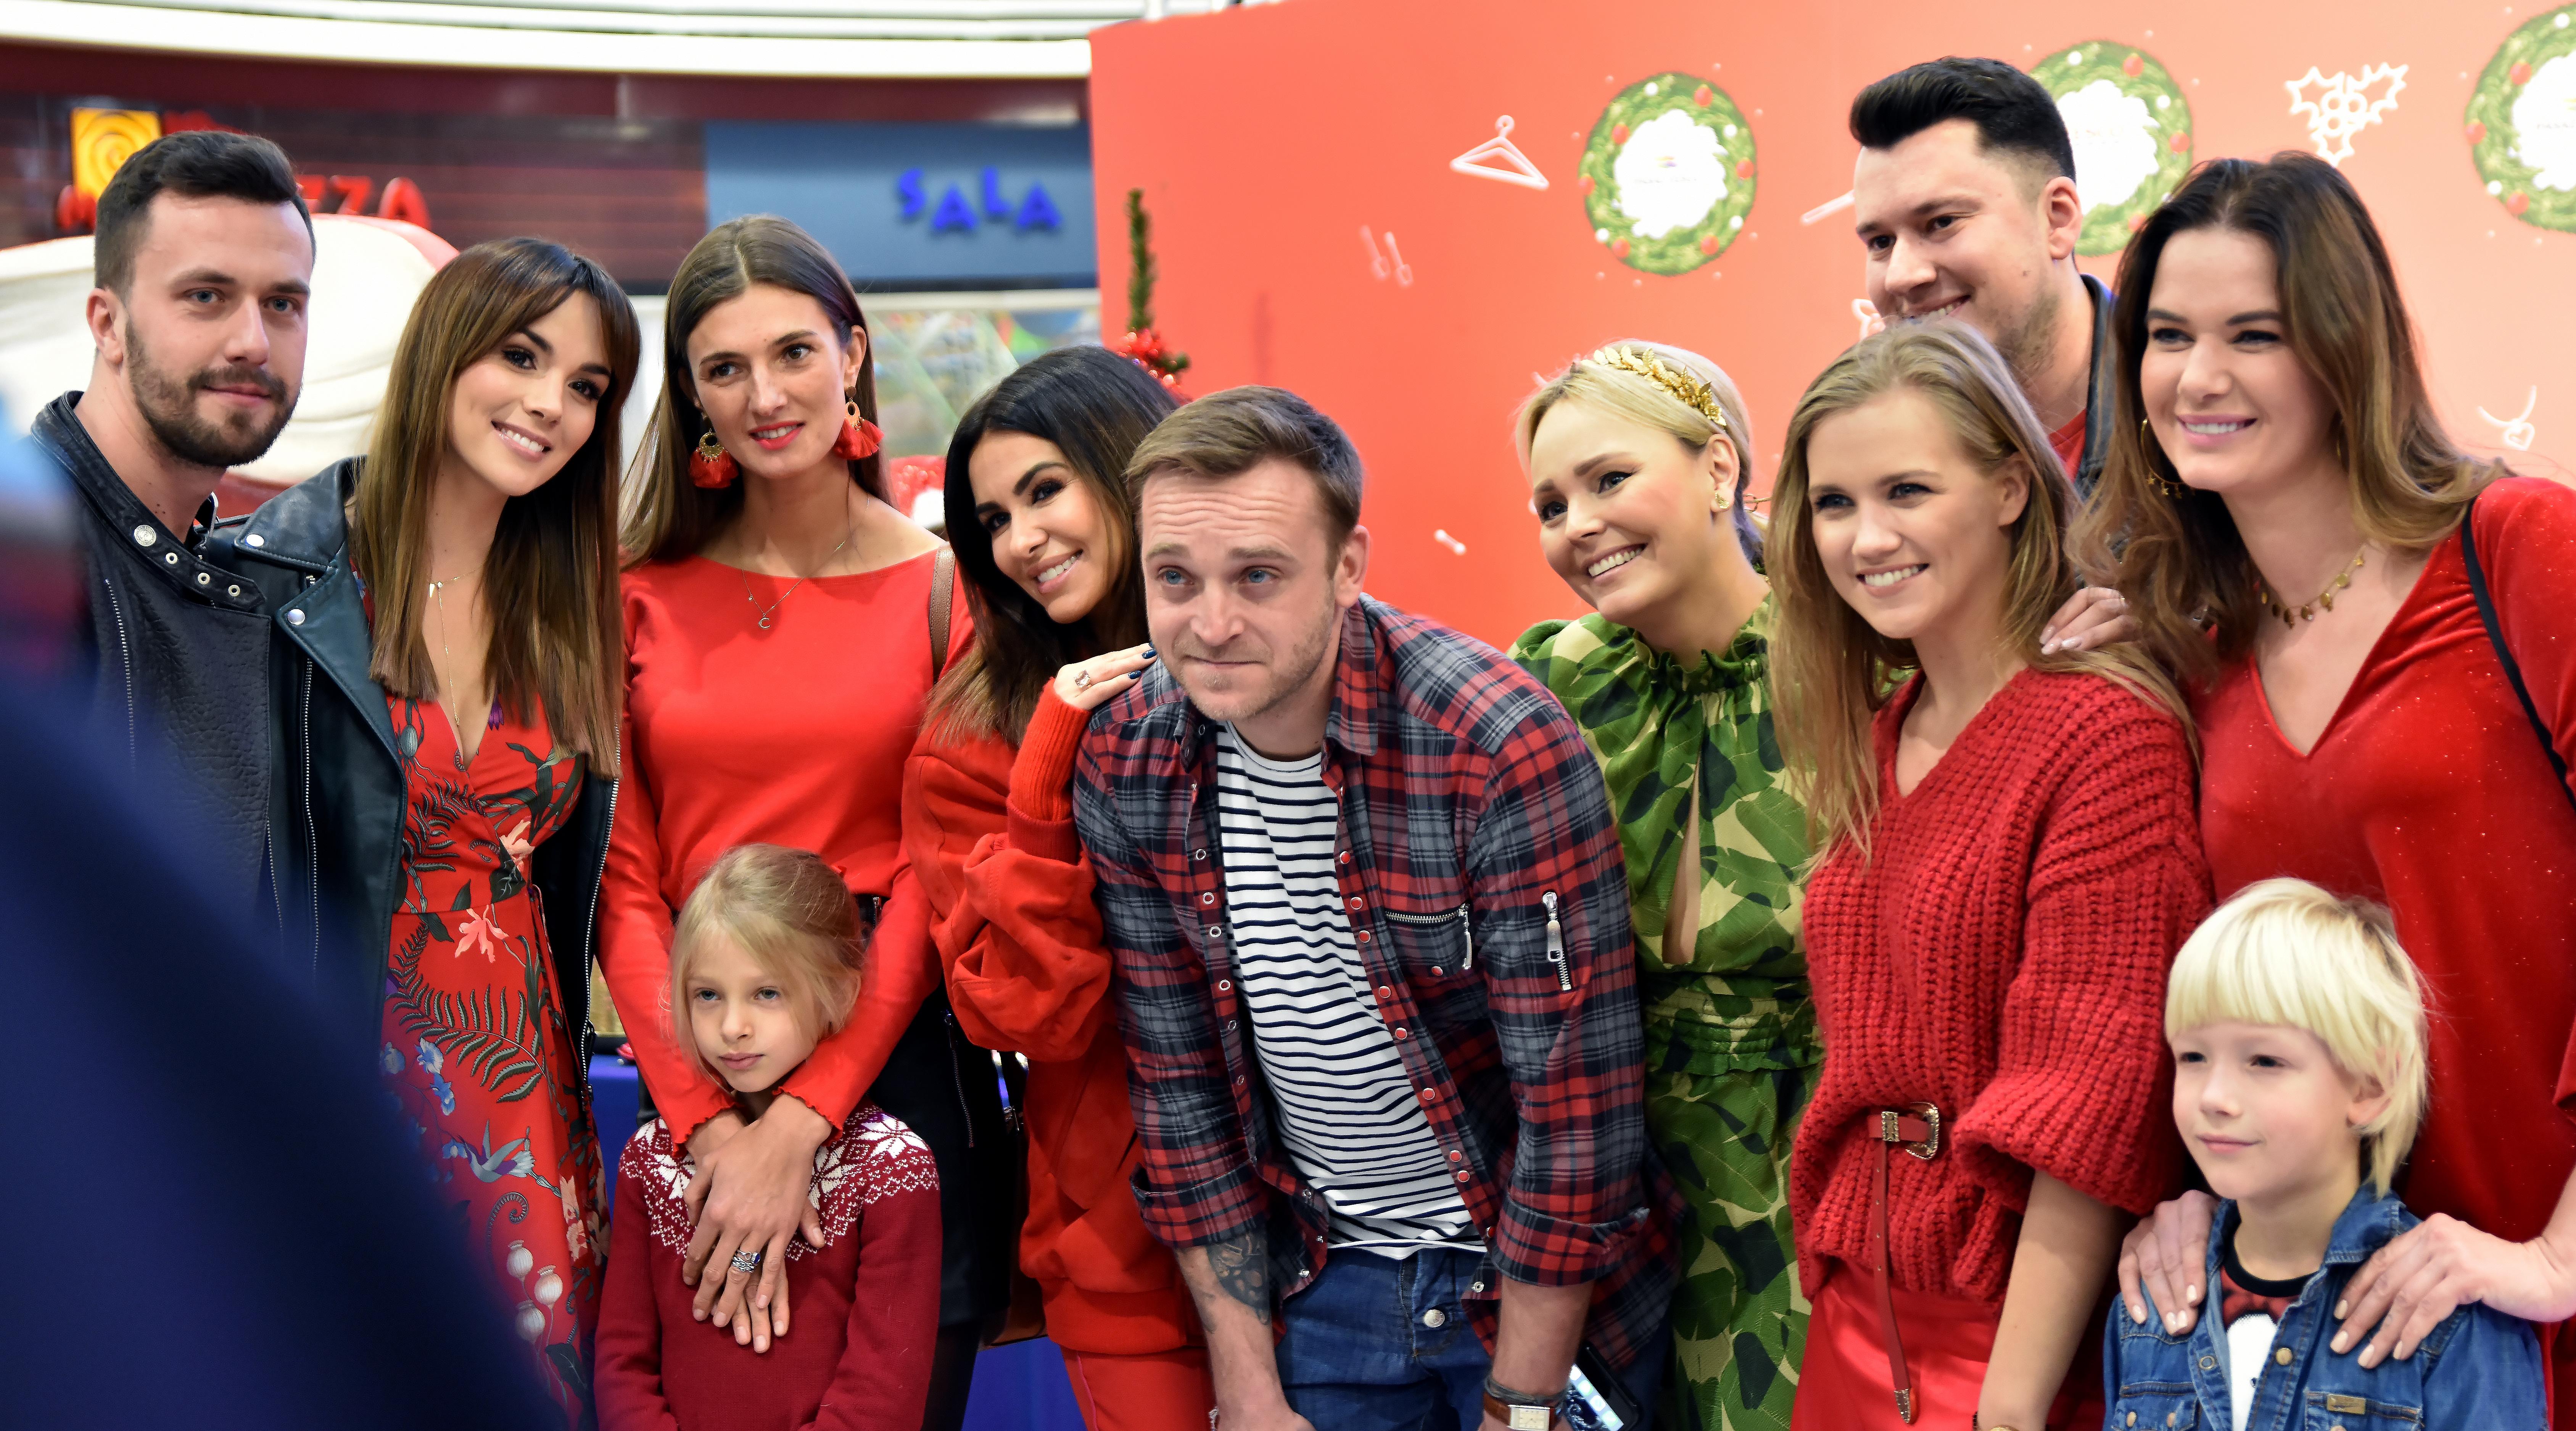 BlogStar: Gwiazdy w świątecznej akcji Tesco - BlogStar.pl